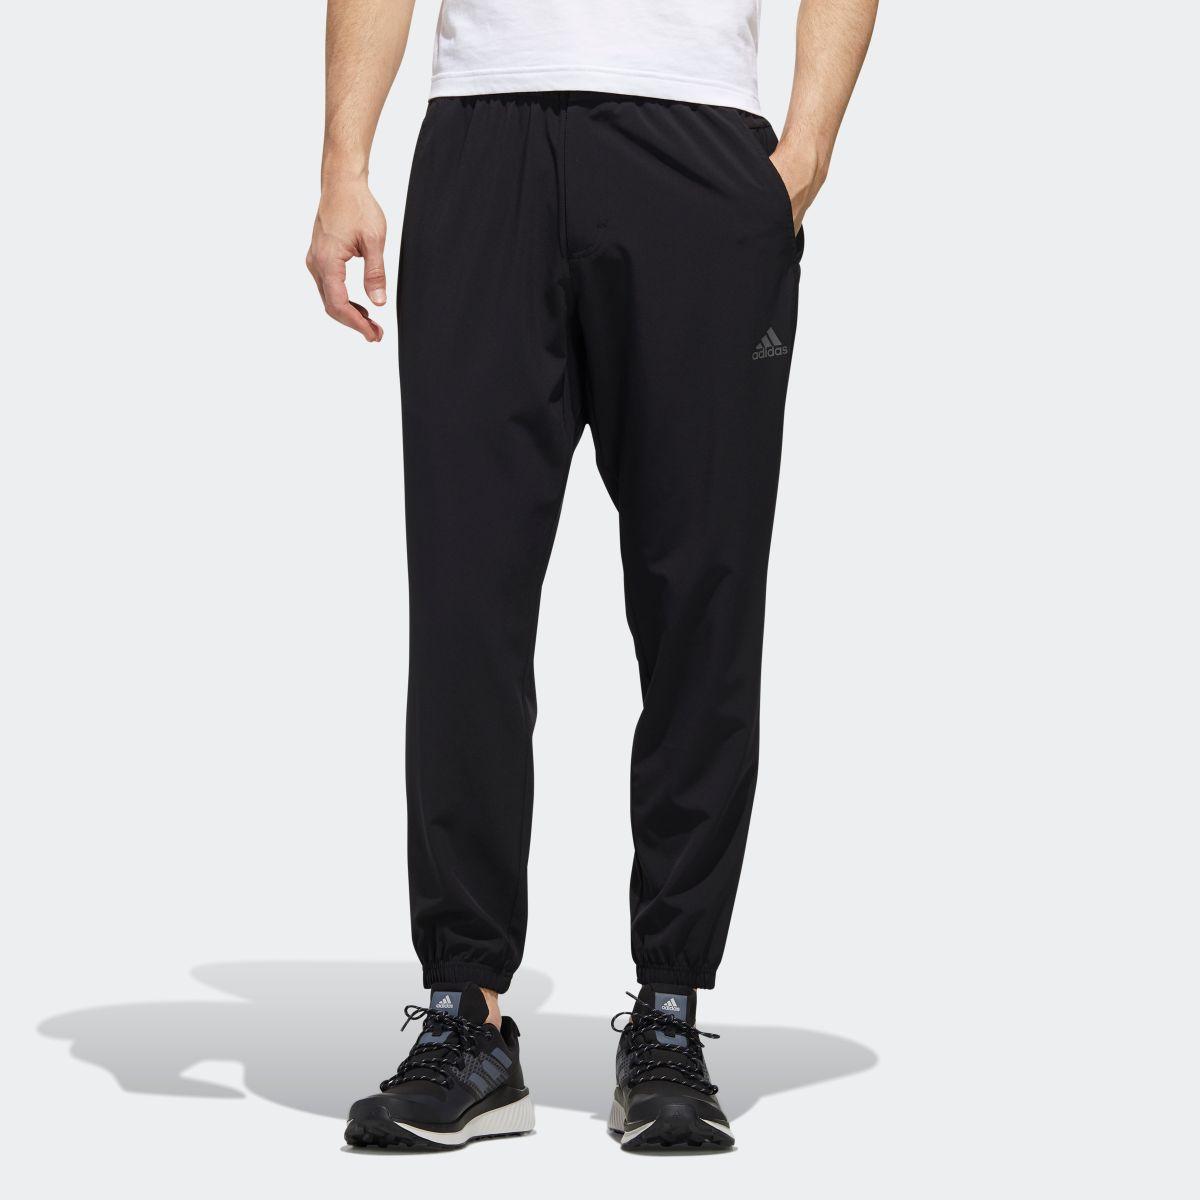 【公式】アディダス adidas All.Outdoor ライトウーブンパンツ / All.Outdoor Lite Woven Pants メンズ アウトドア ウェア ボトムス パンツ FM7534 ss2020_mss画像